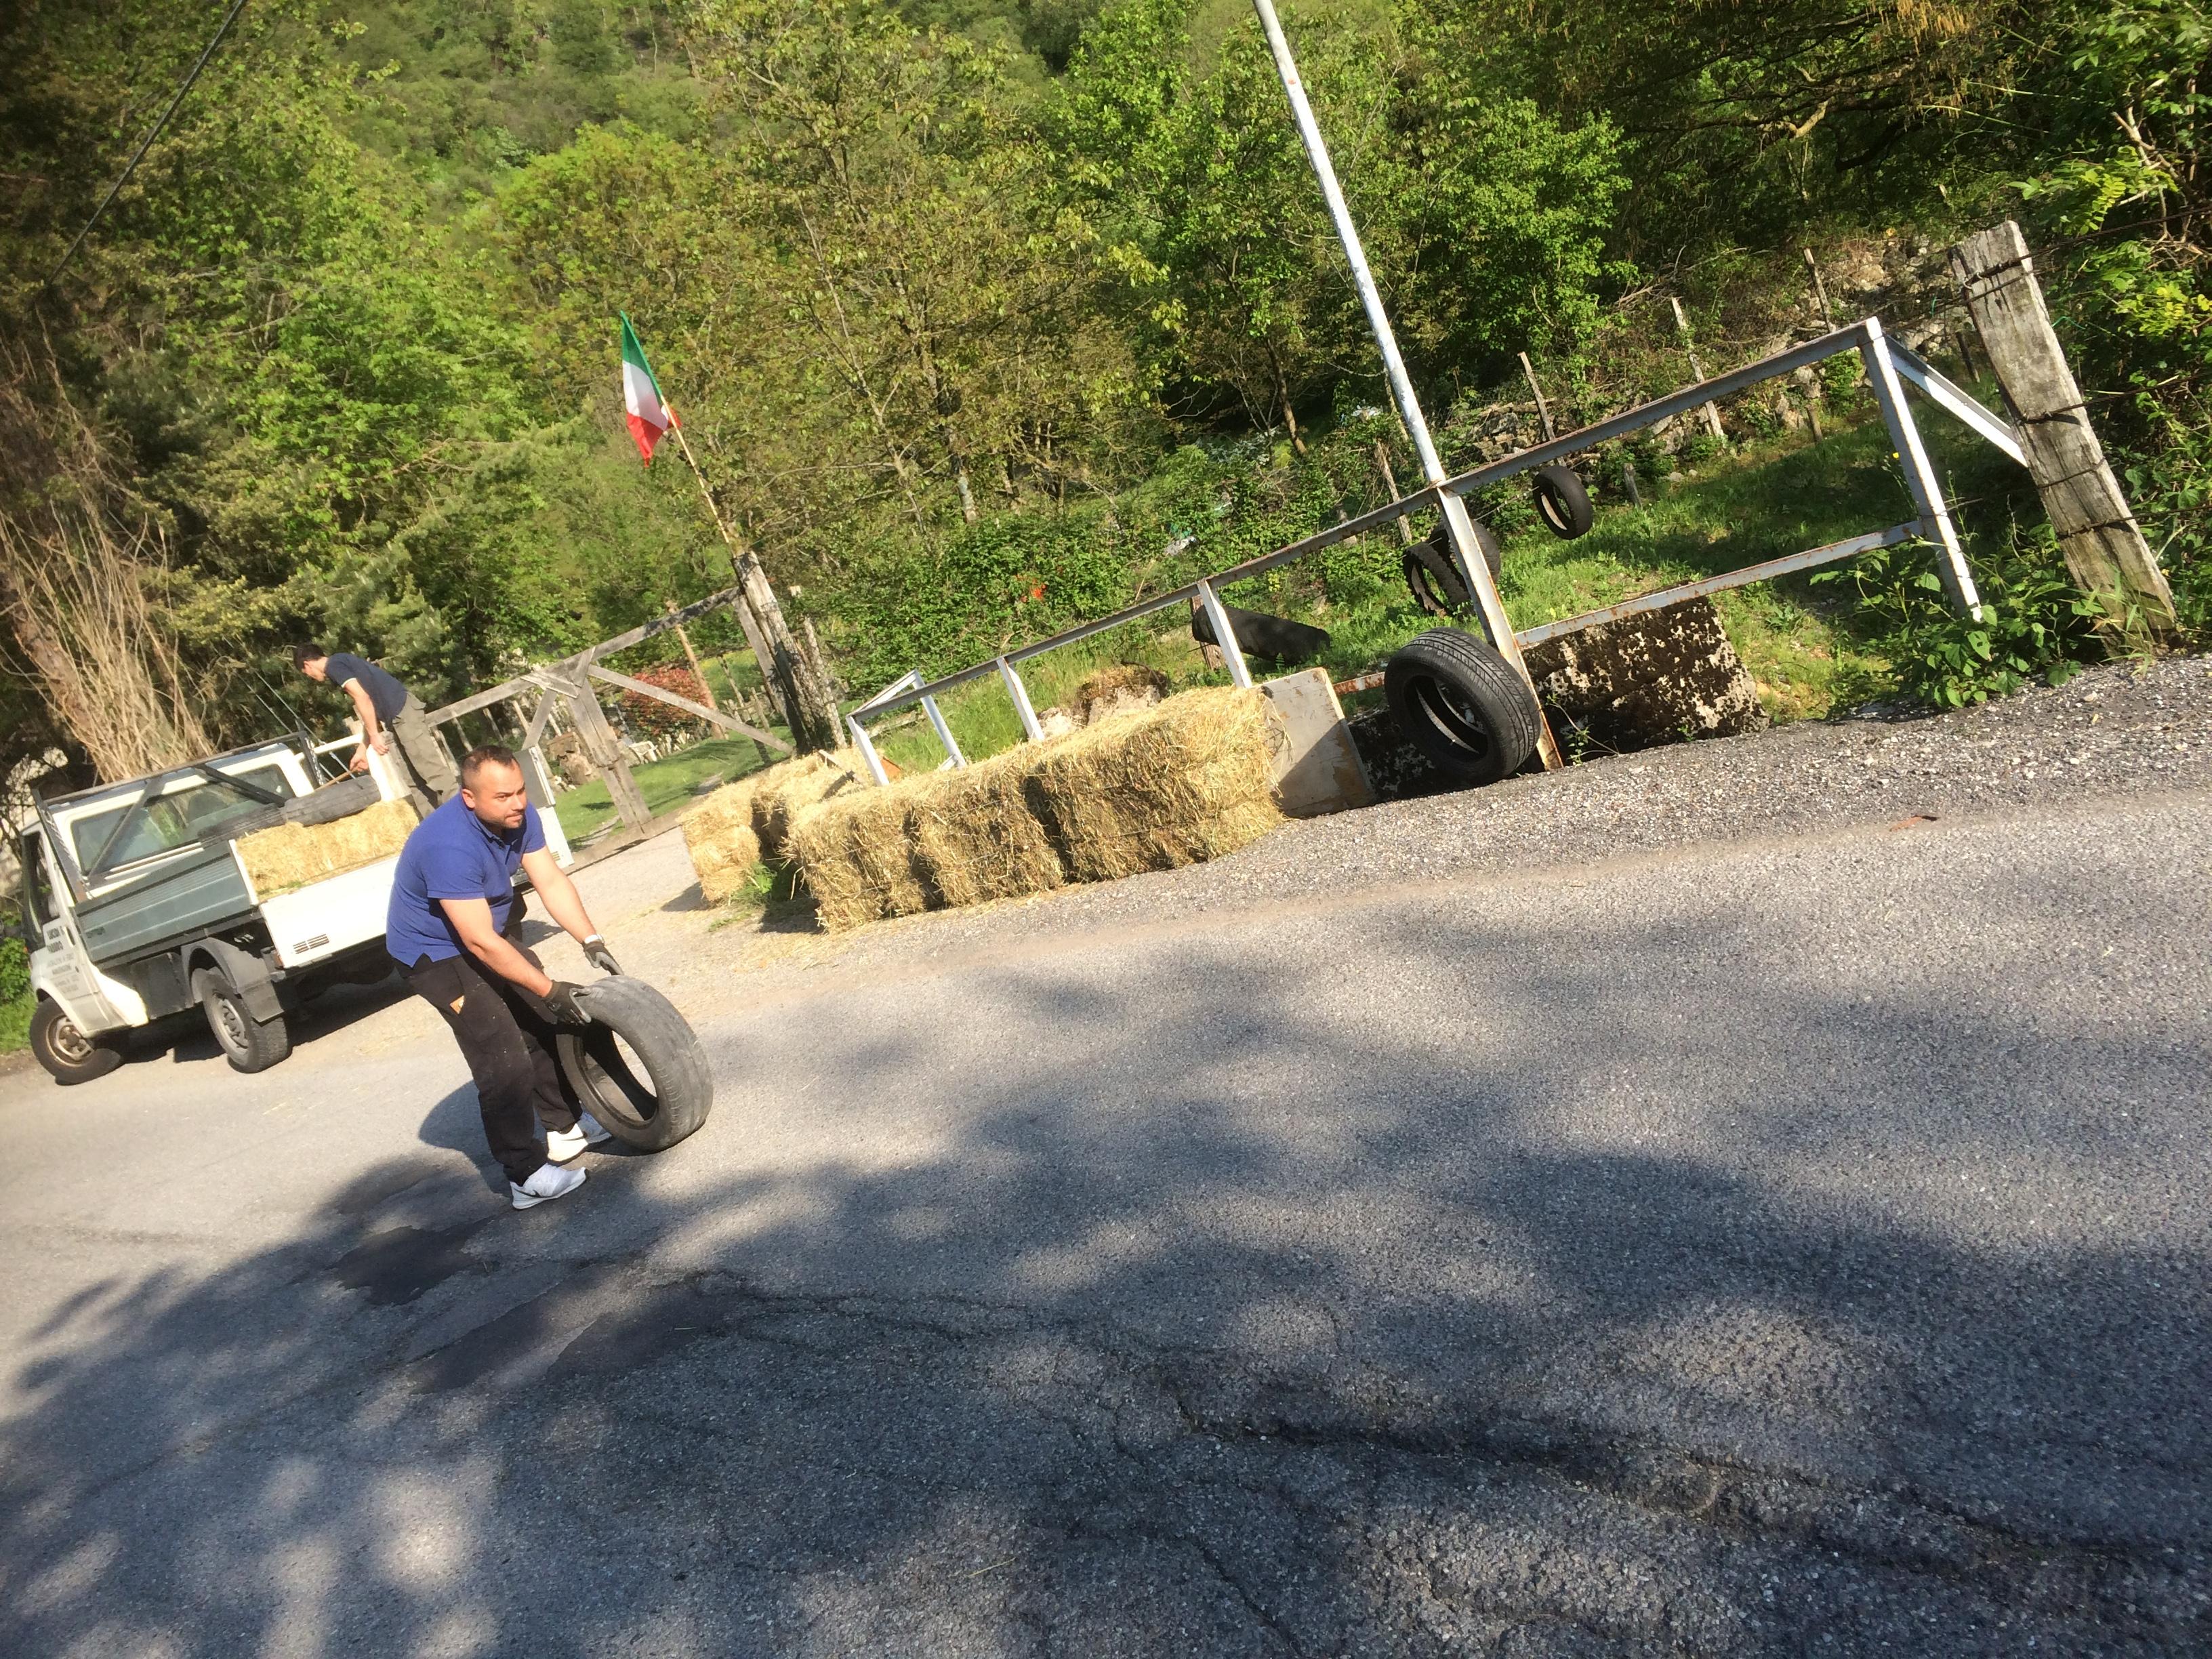 Club La Birocia: divertimento e adrenalina lo scorso weekend nella gara di Carenno